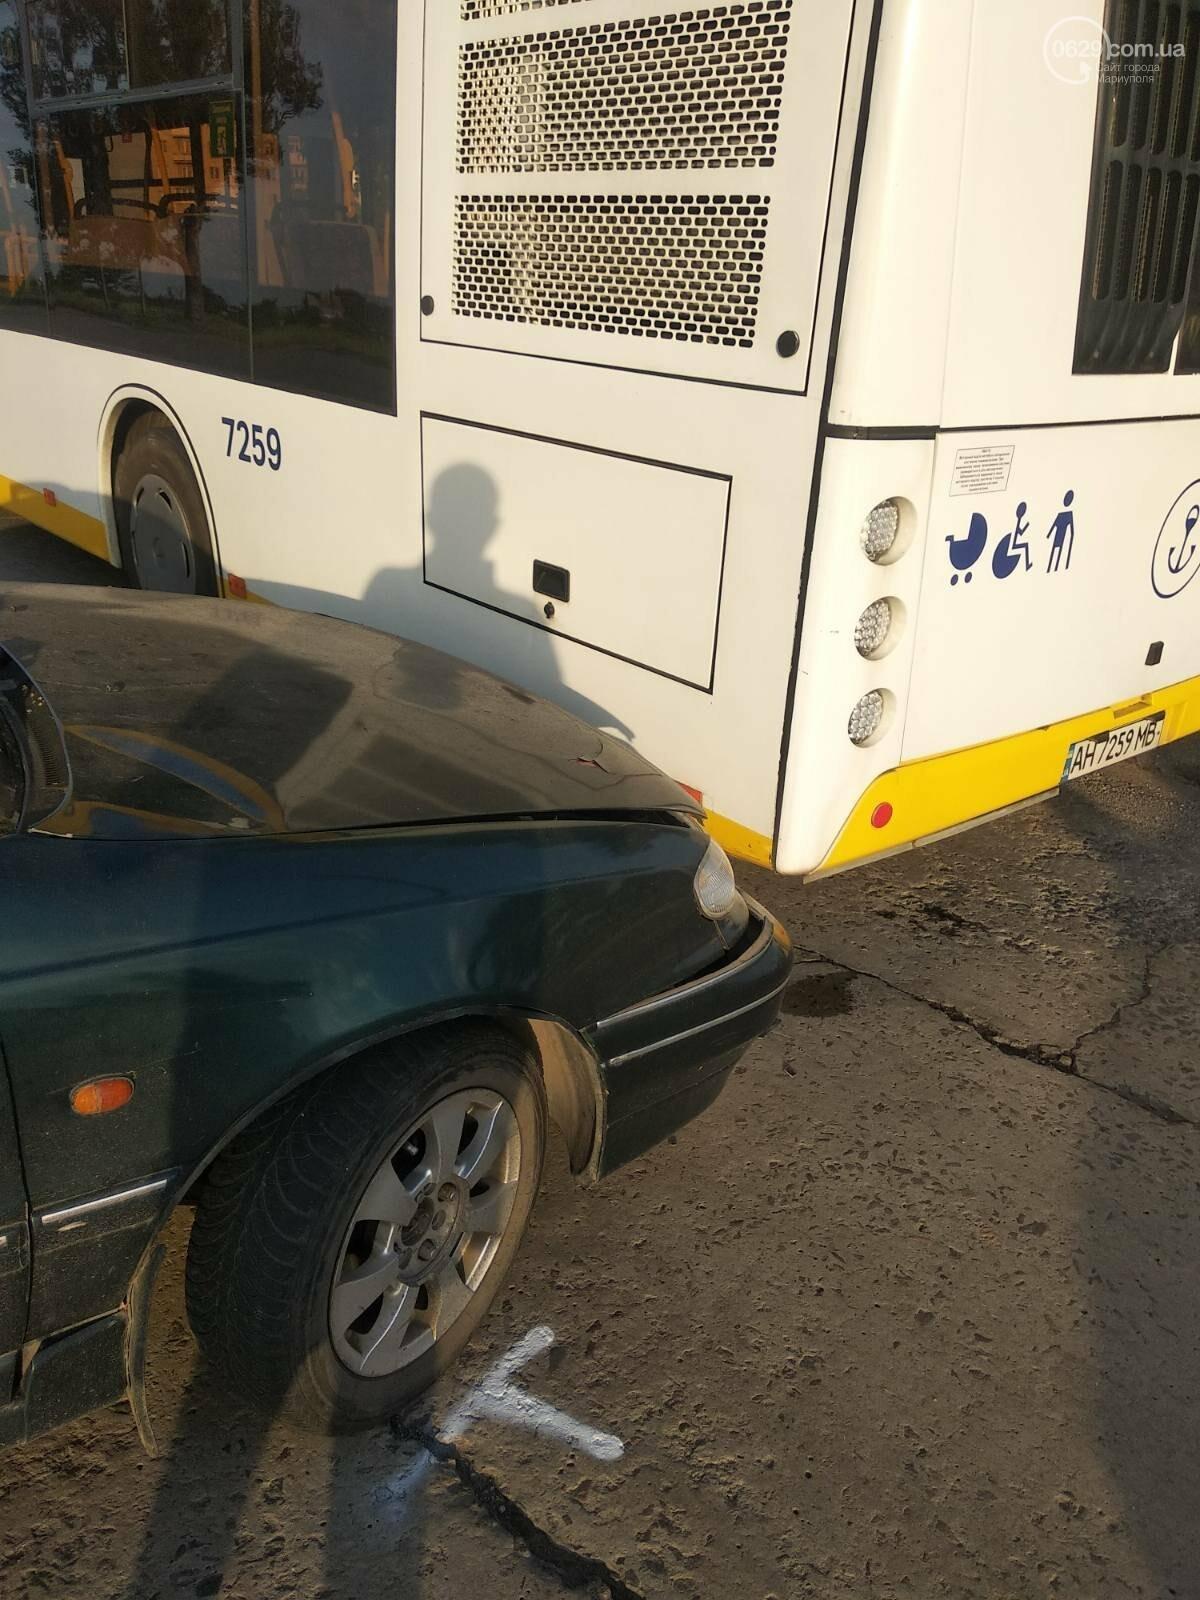 В Мариуполе Daewoo влетел в трамвай. Водитель легковушки серьезно пострадал, - ФОТО, фото-19